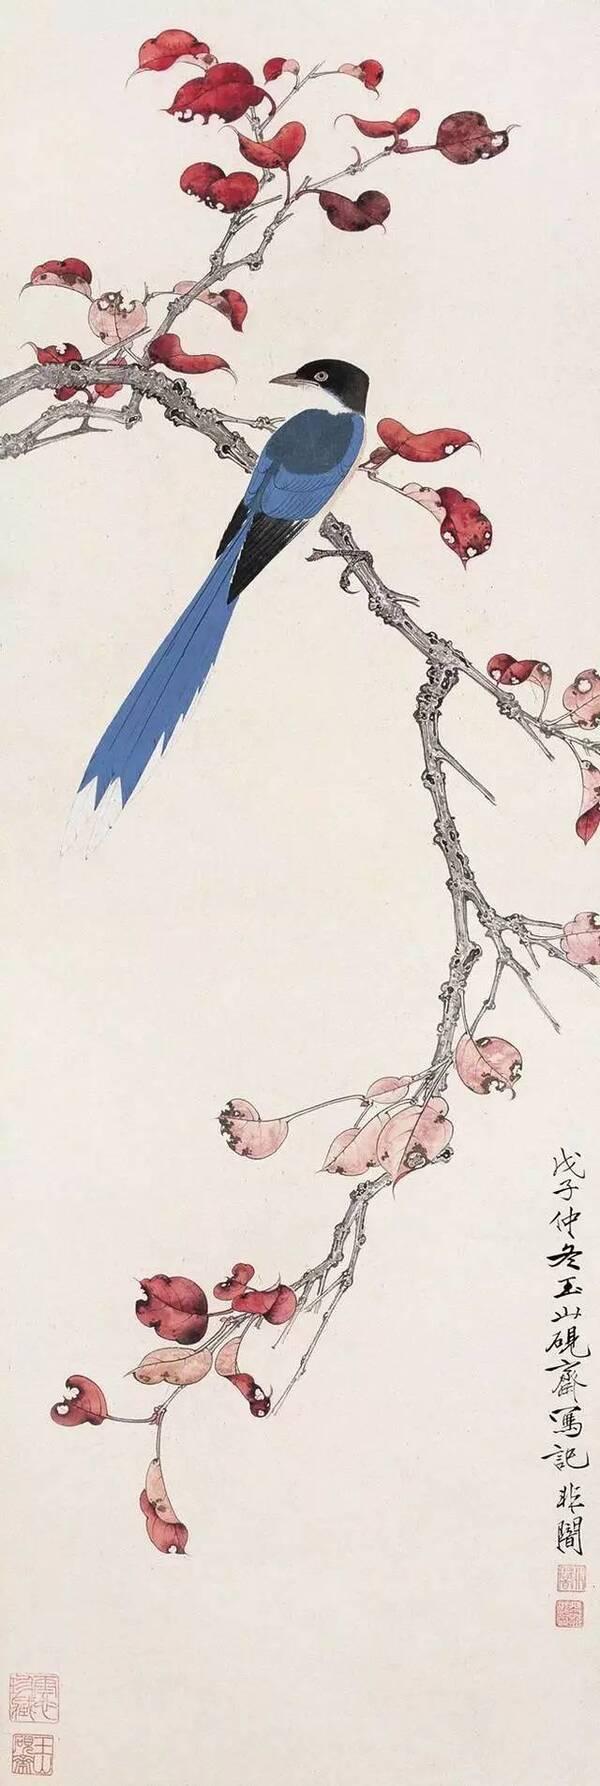 牡丹蜜蜂 翼图本期免费分享《张大林教画花鸟画》视频全集,下期将图片